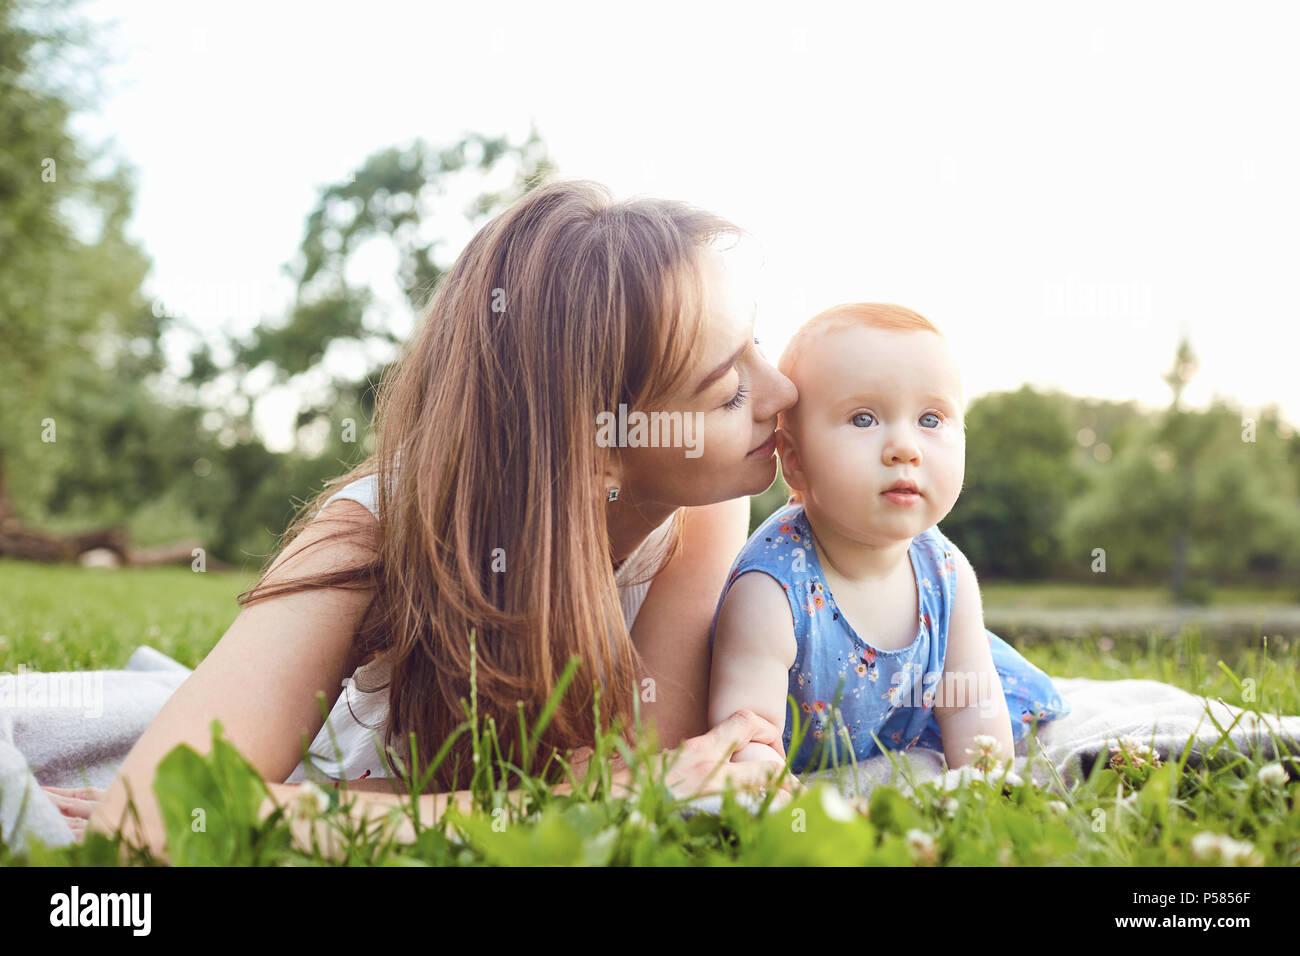 La madre e il bambino gioca su erba in estate park Immagini Stock